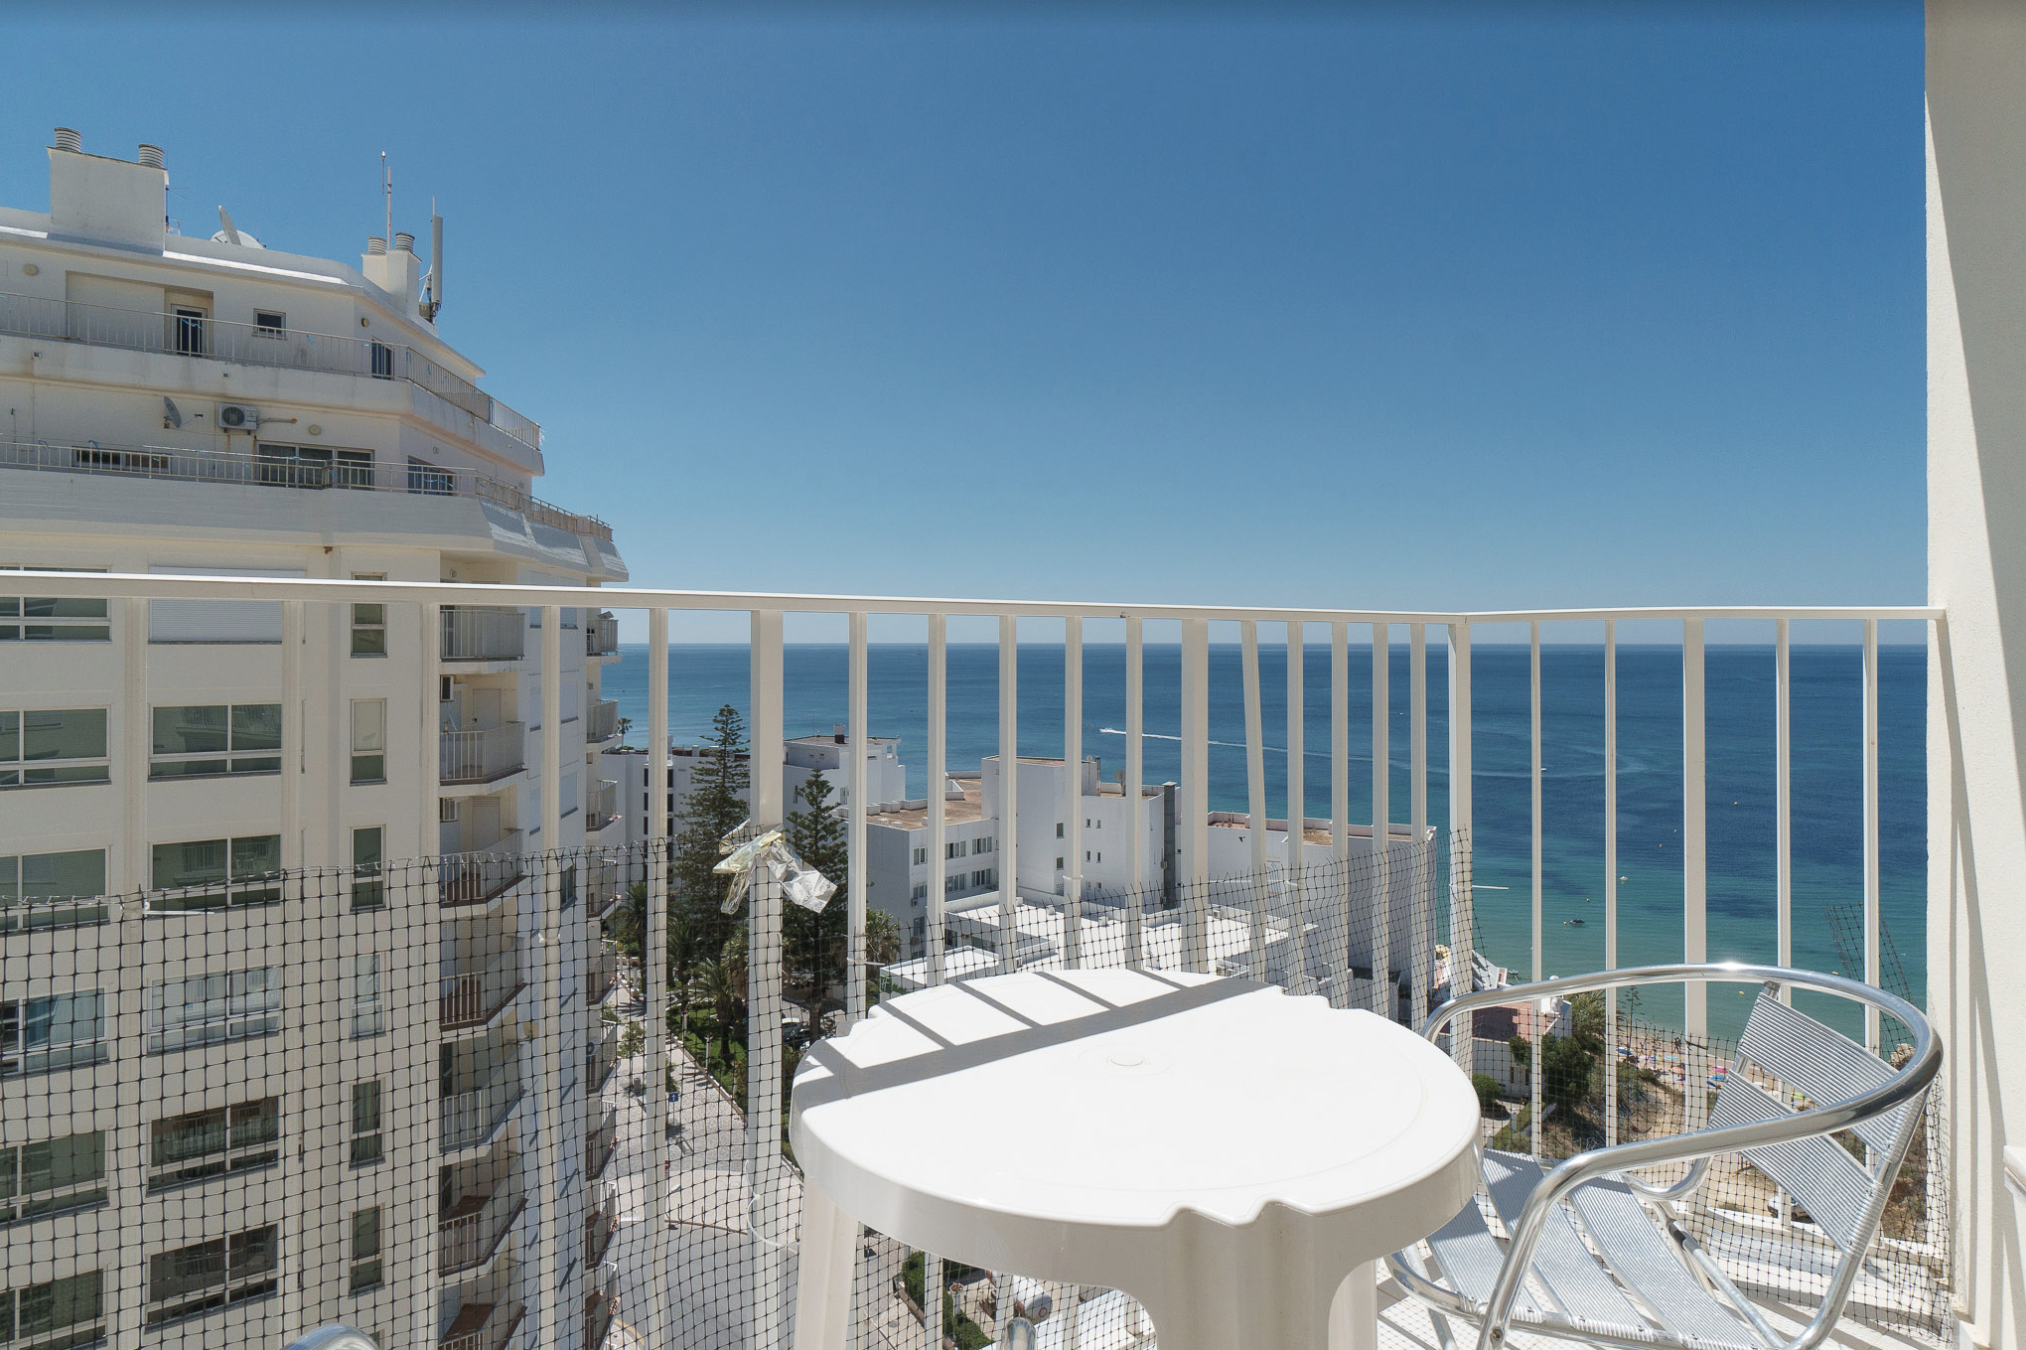 9 Fantásticos Alojamentos Locais No Algarve Com Vista Para O Mar. Alojamento Local Algarve. Férias Algarve. // Warmrental